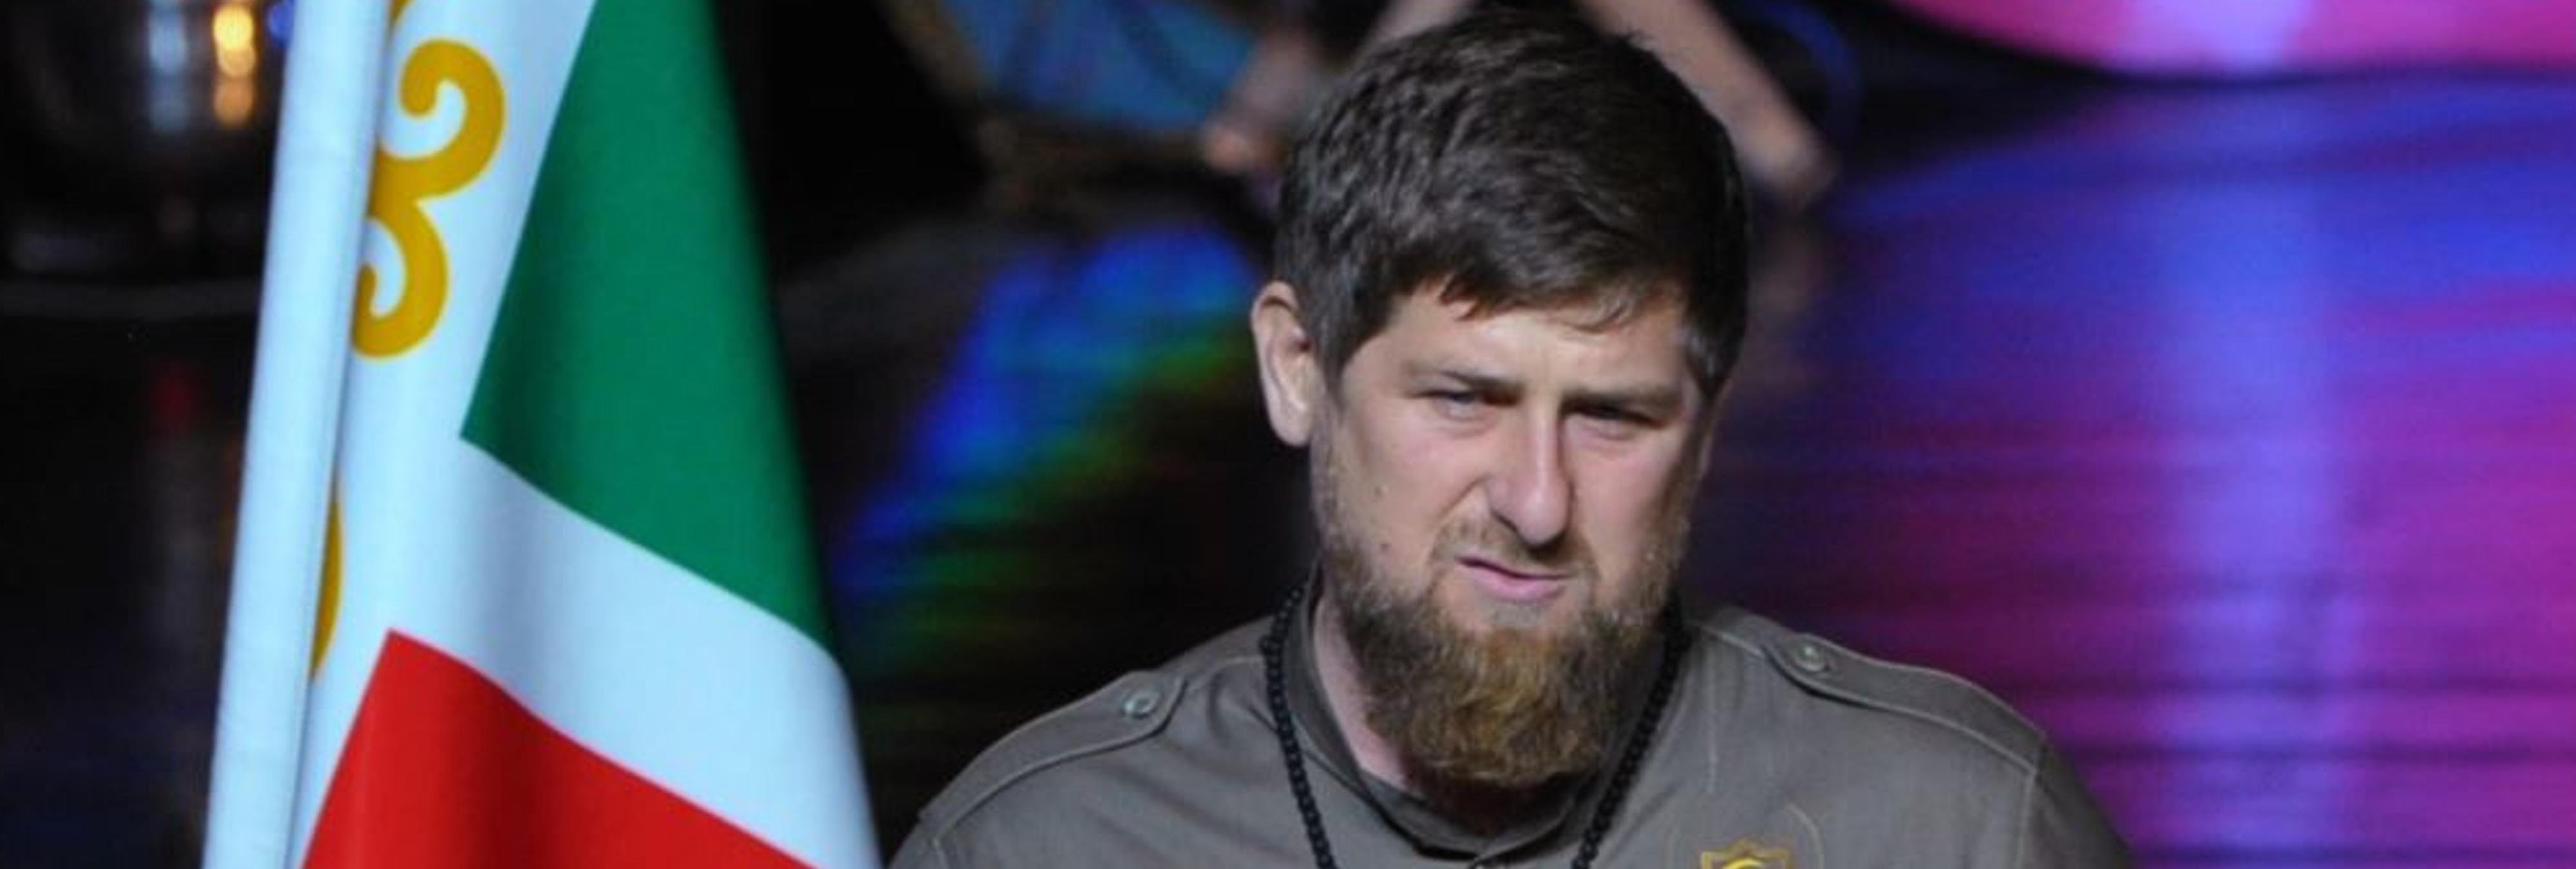 La 'purga gay' de Chechenia continúa: Kadyrov dice que no hay personas LGTBIQ+ en la zona